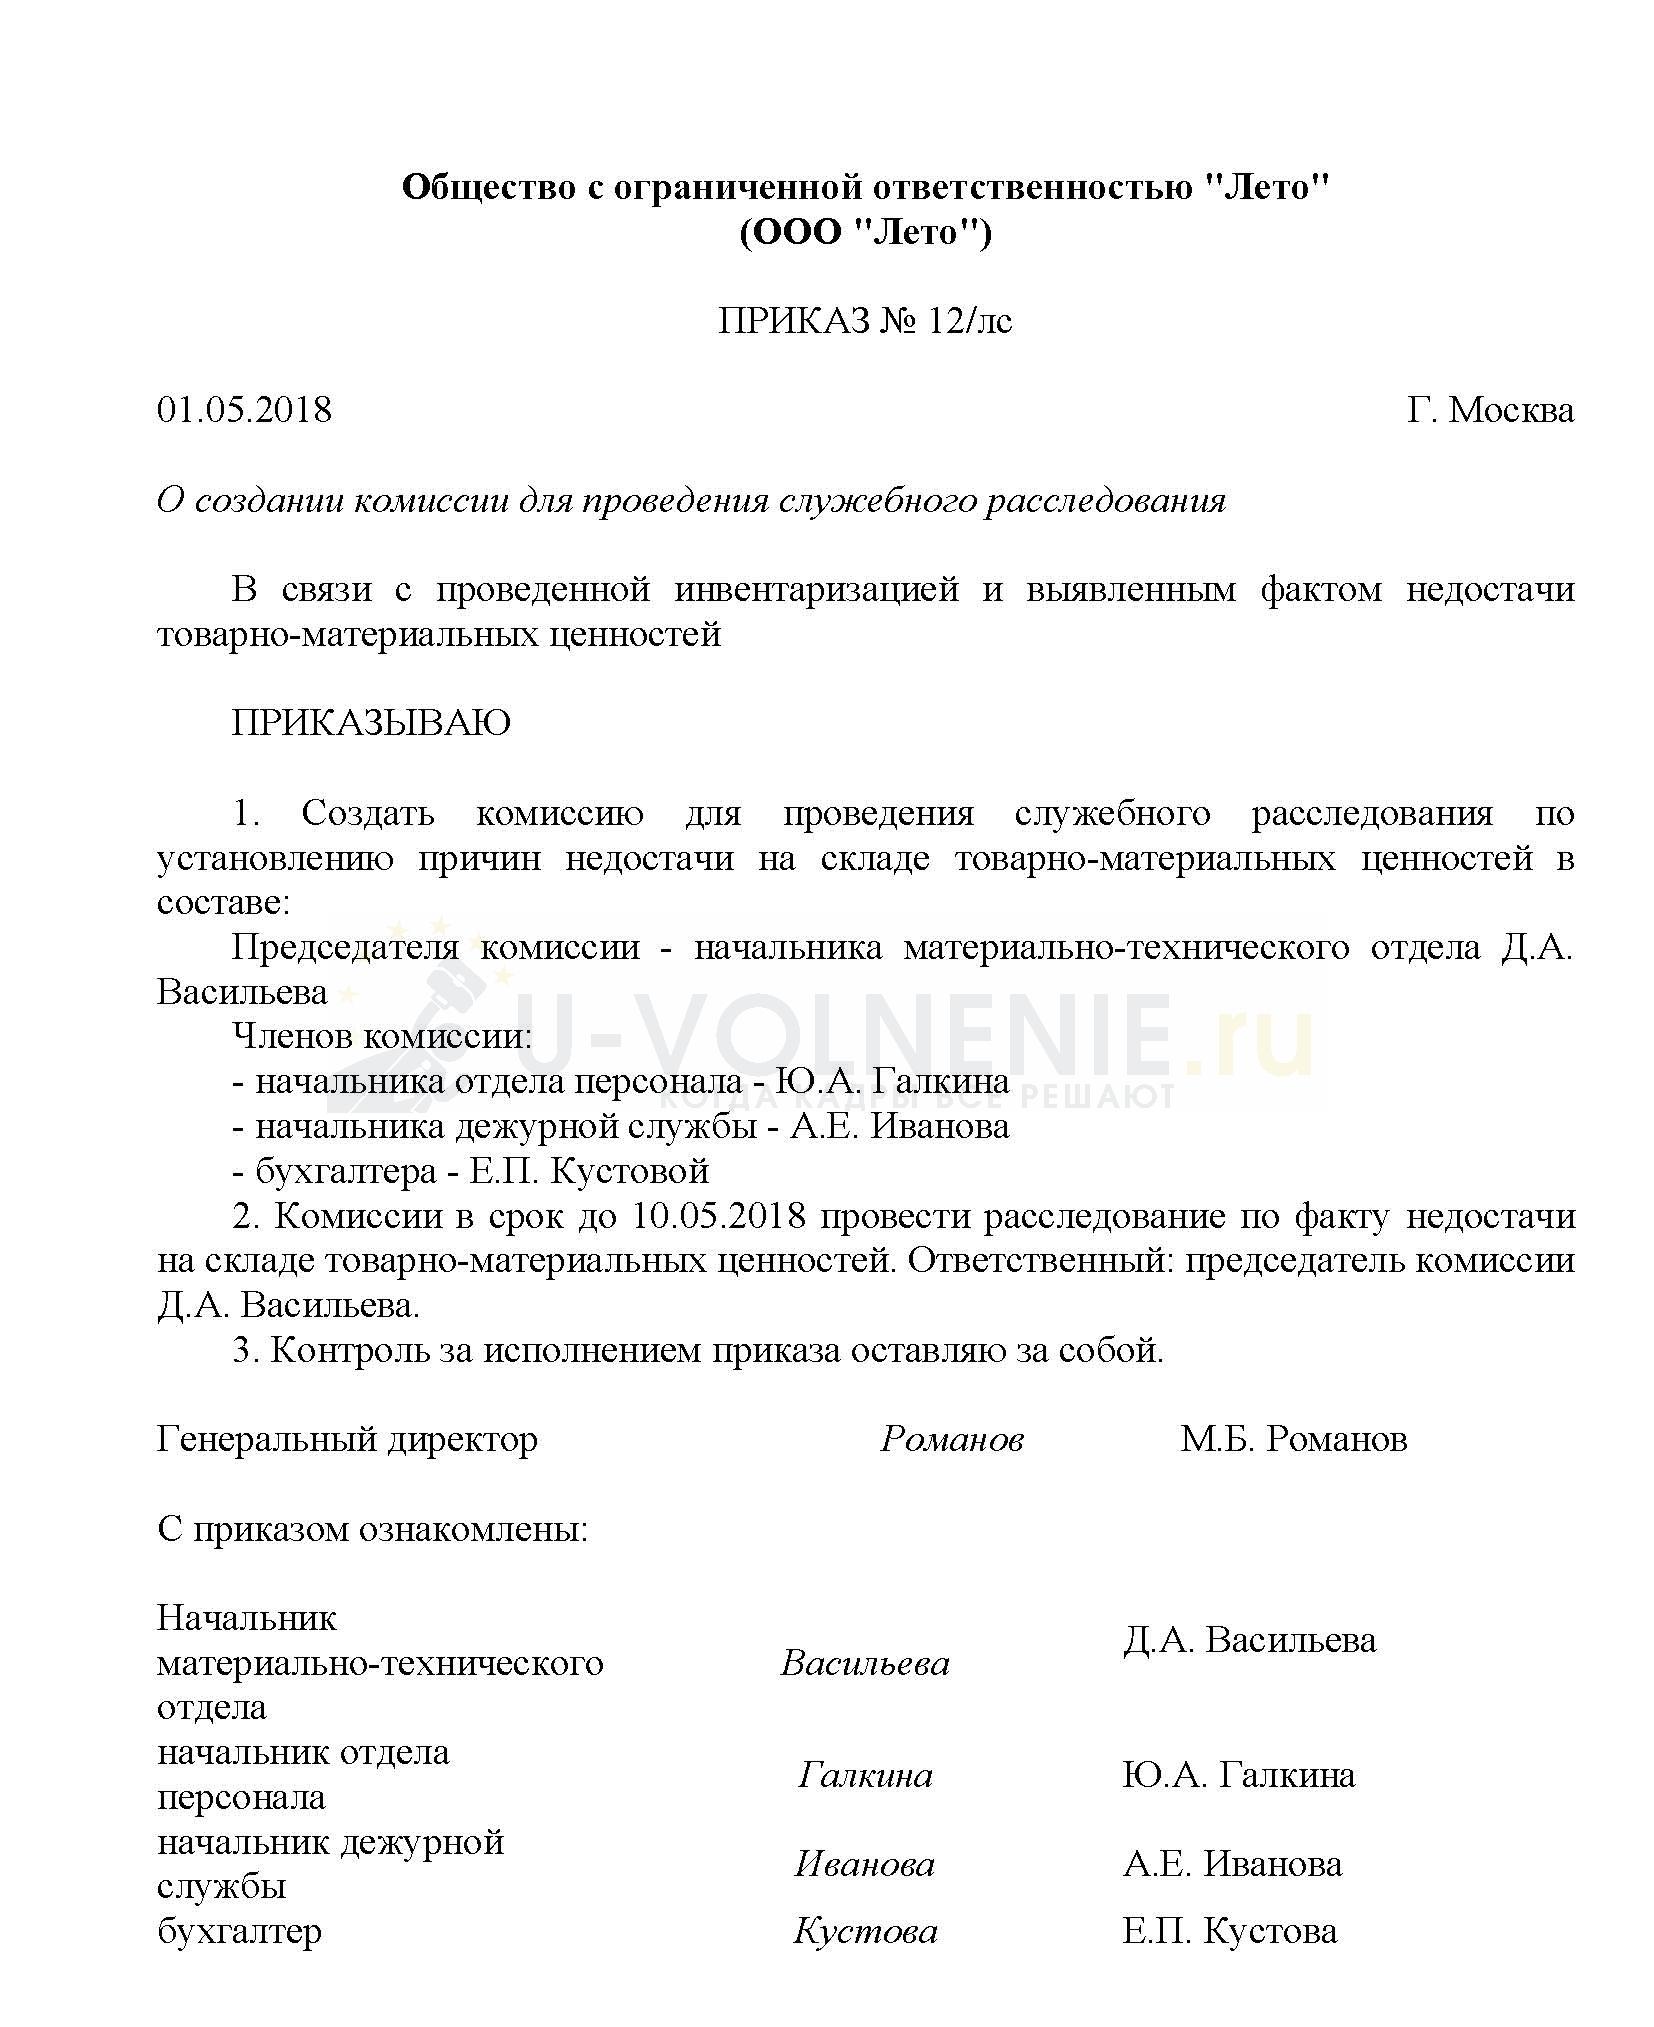 Образец приказа о создании комиссии для проведения служебного расследования